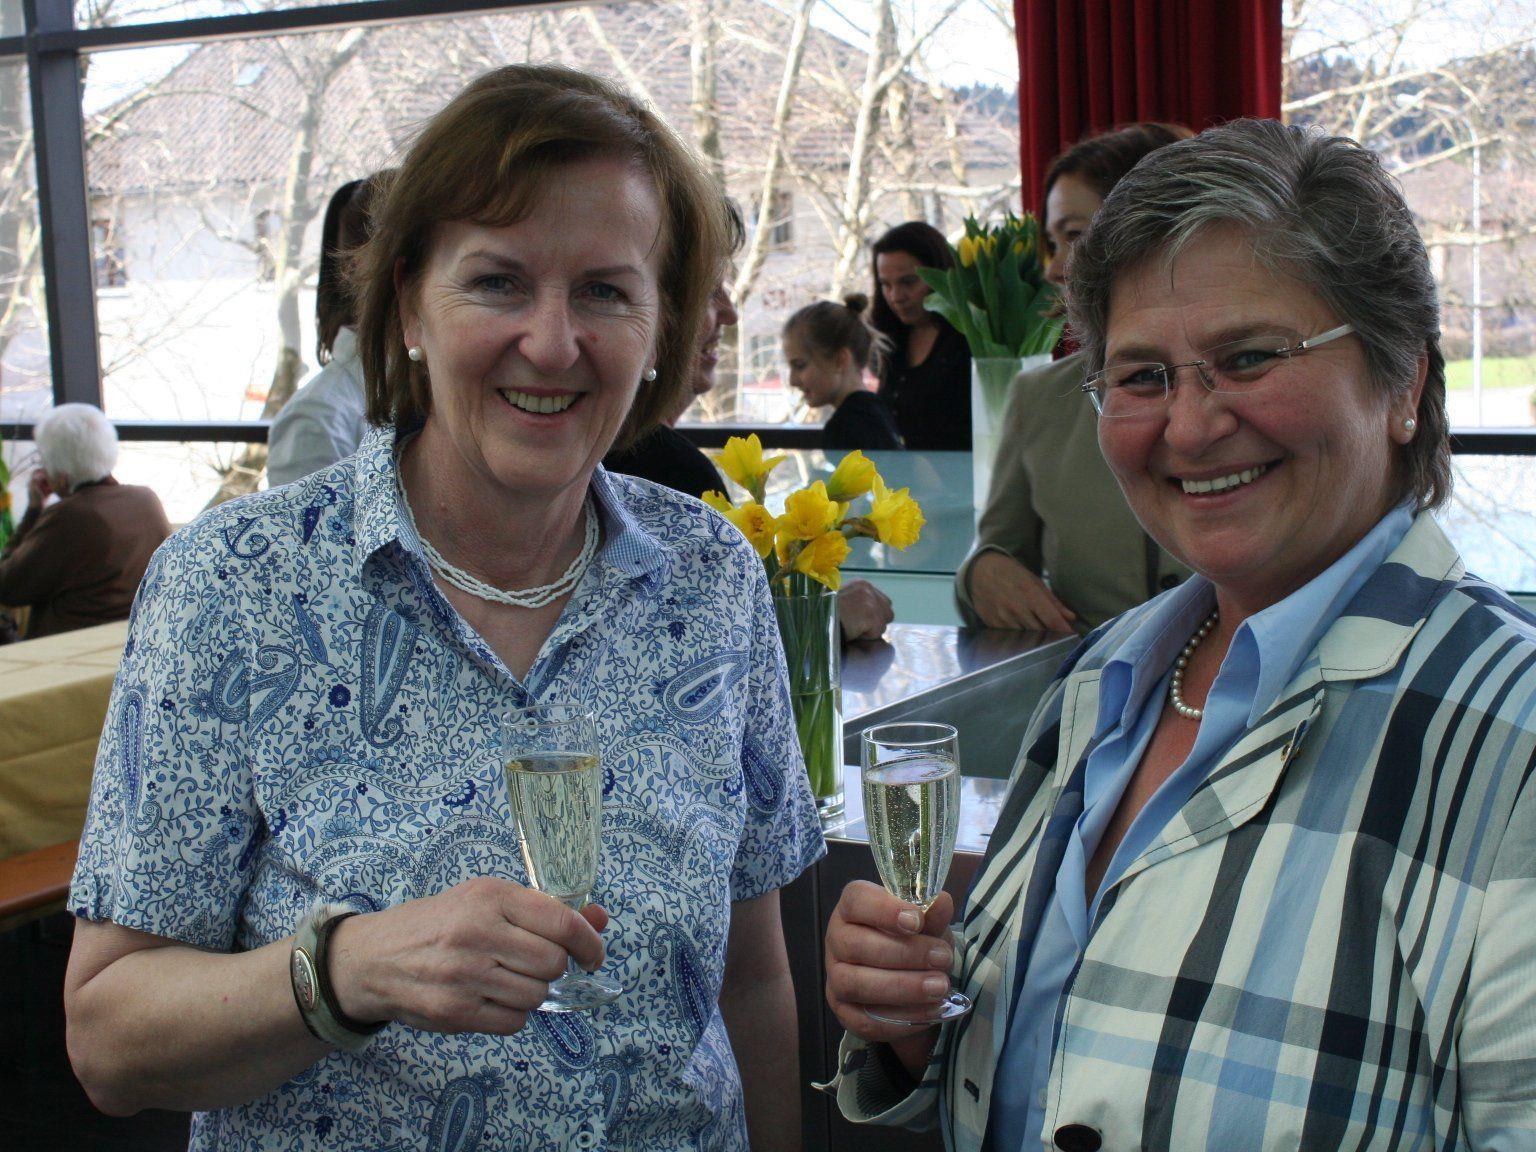 Präsidentin Monika Sauermoser und Andrea Helbok vom Lions Club Fortuna unterstützen das Netz für Kinder